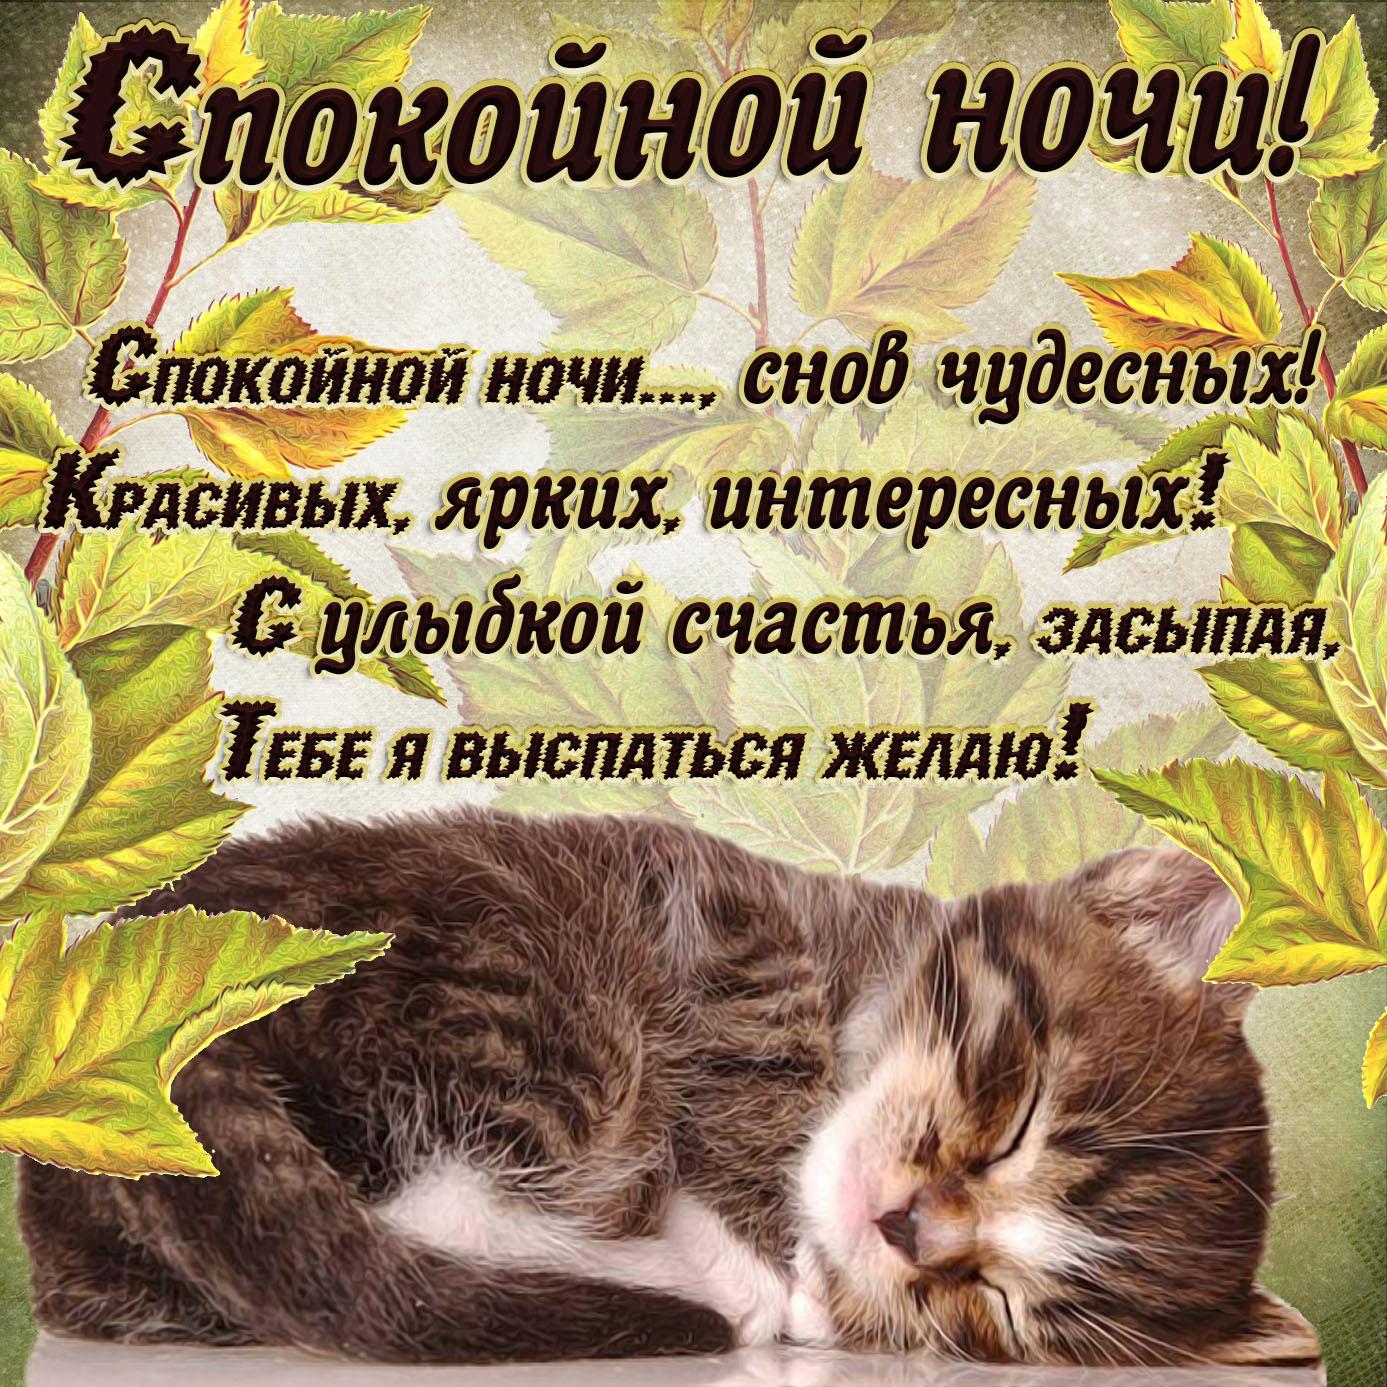 Картинка спокойной ночи со спящим котиком